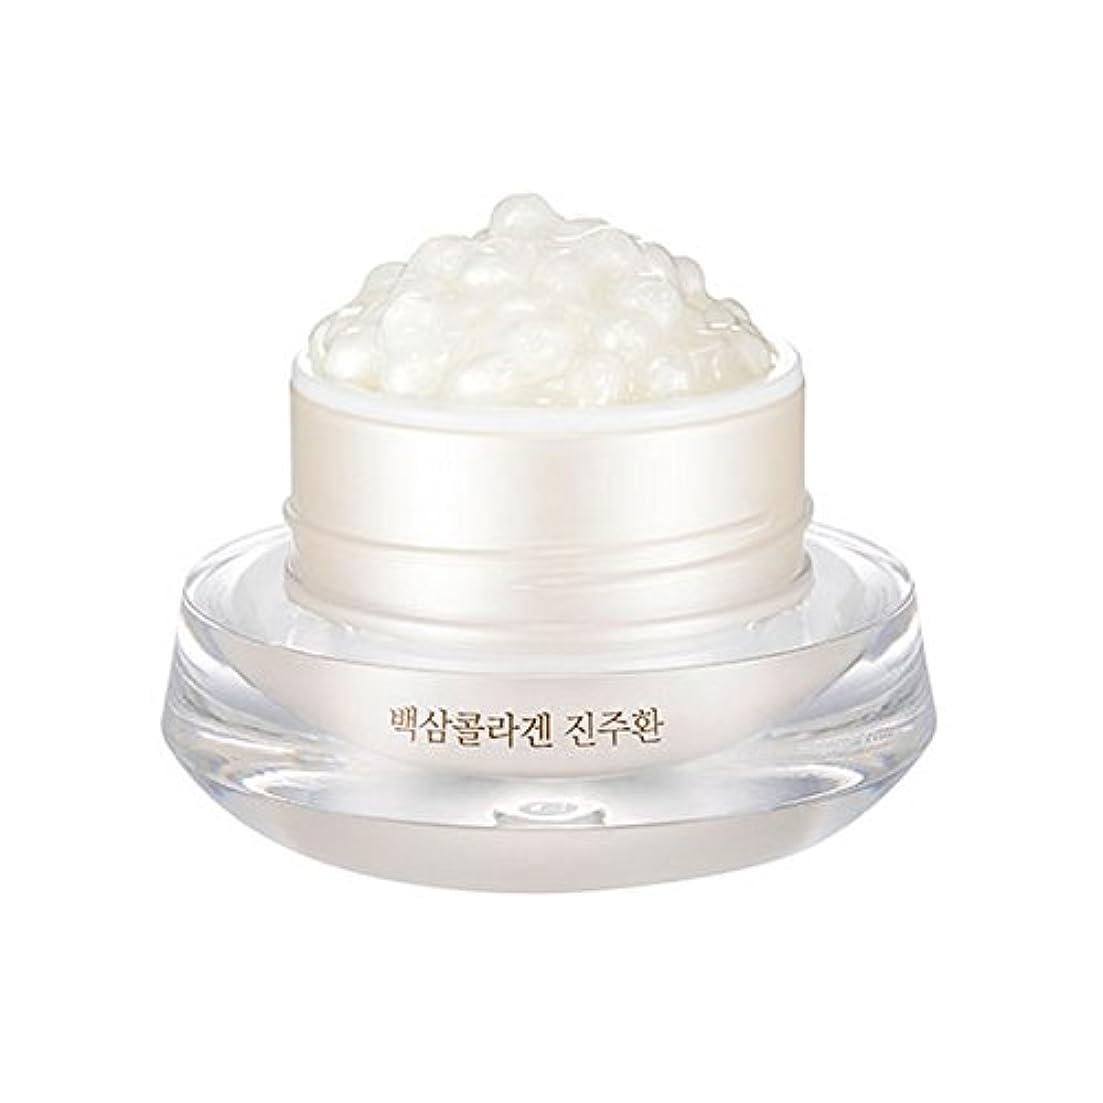 兵隊牛機関[ザ?フェイスショップ] The Face Shop 白参 コラーゲン パール カプセルクリーム White Ginseng Collagen Pearl Capsule Cream [並行輸入品]